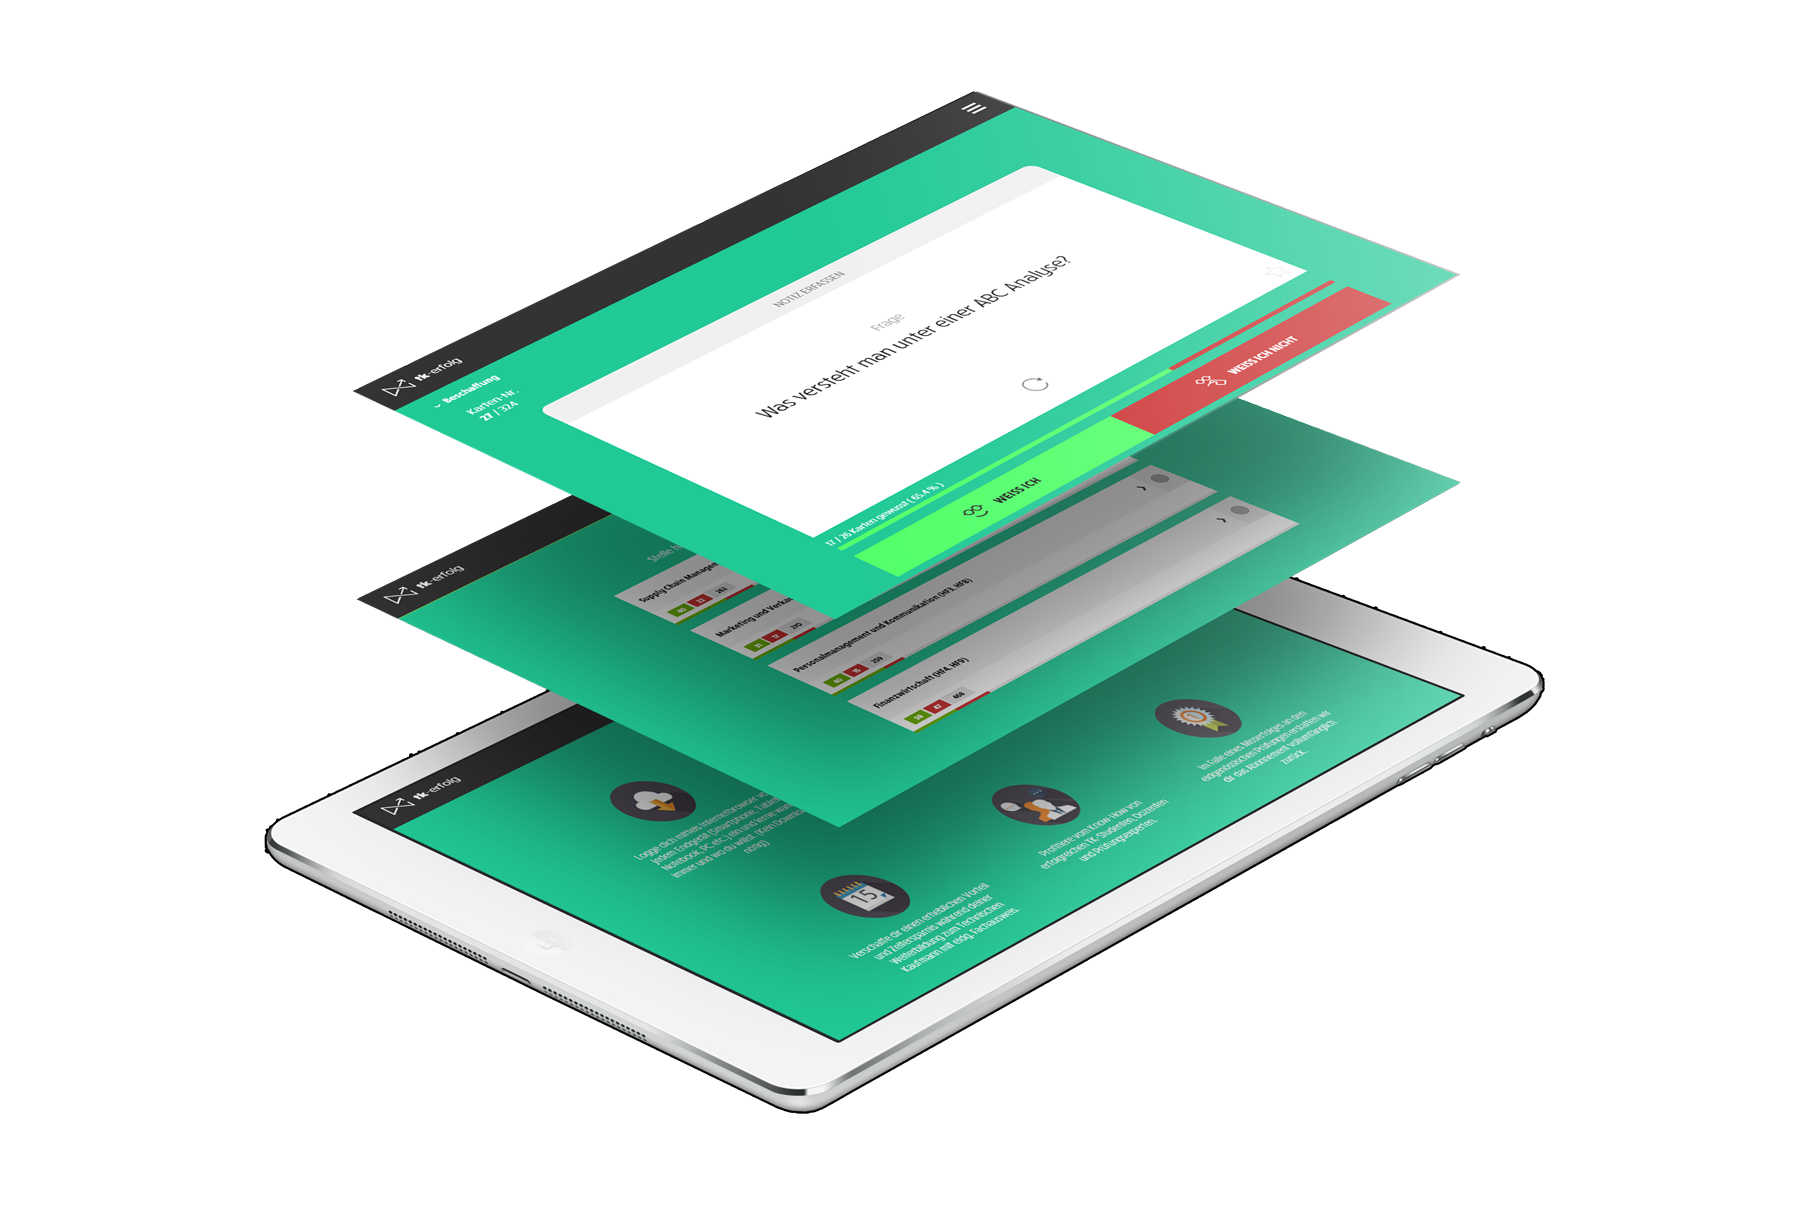 TK-Webapp v3.0